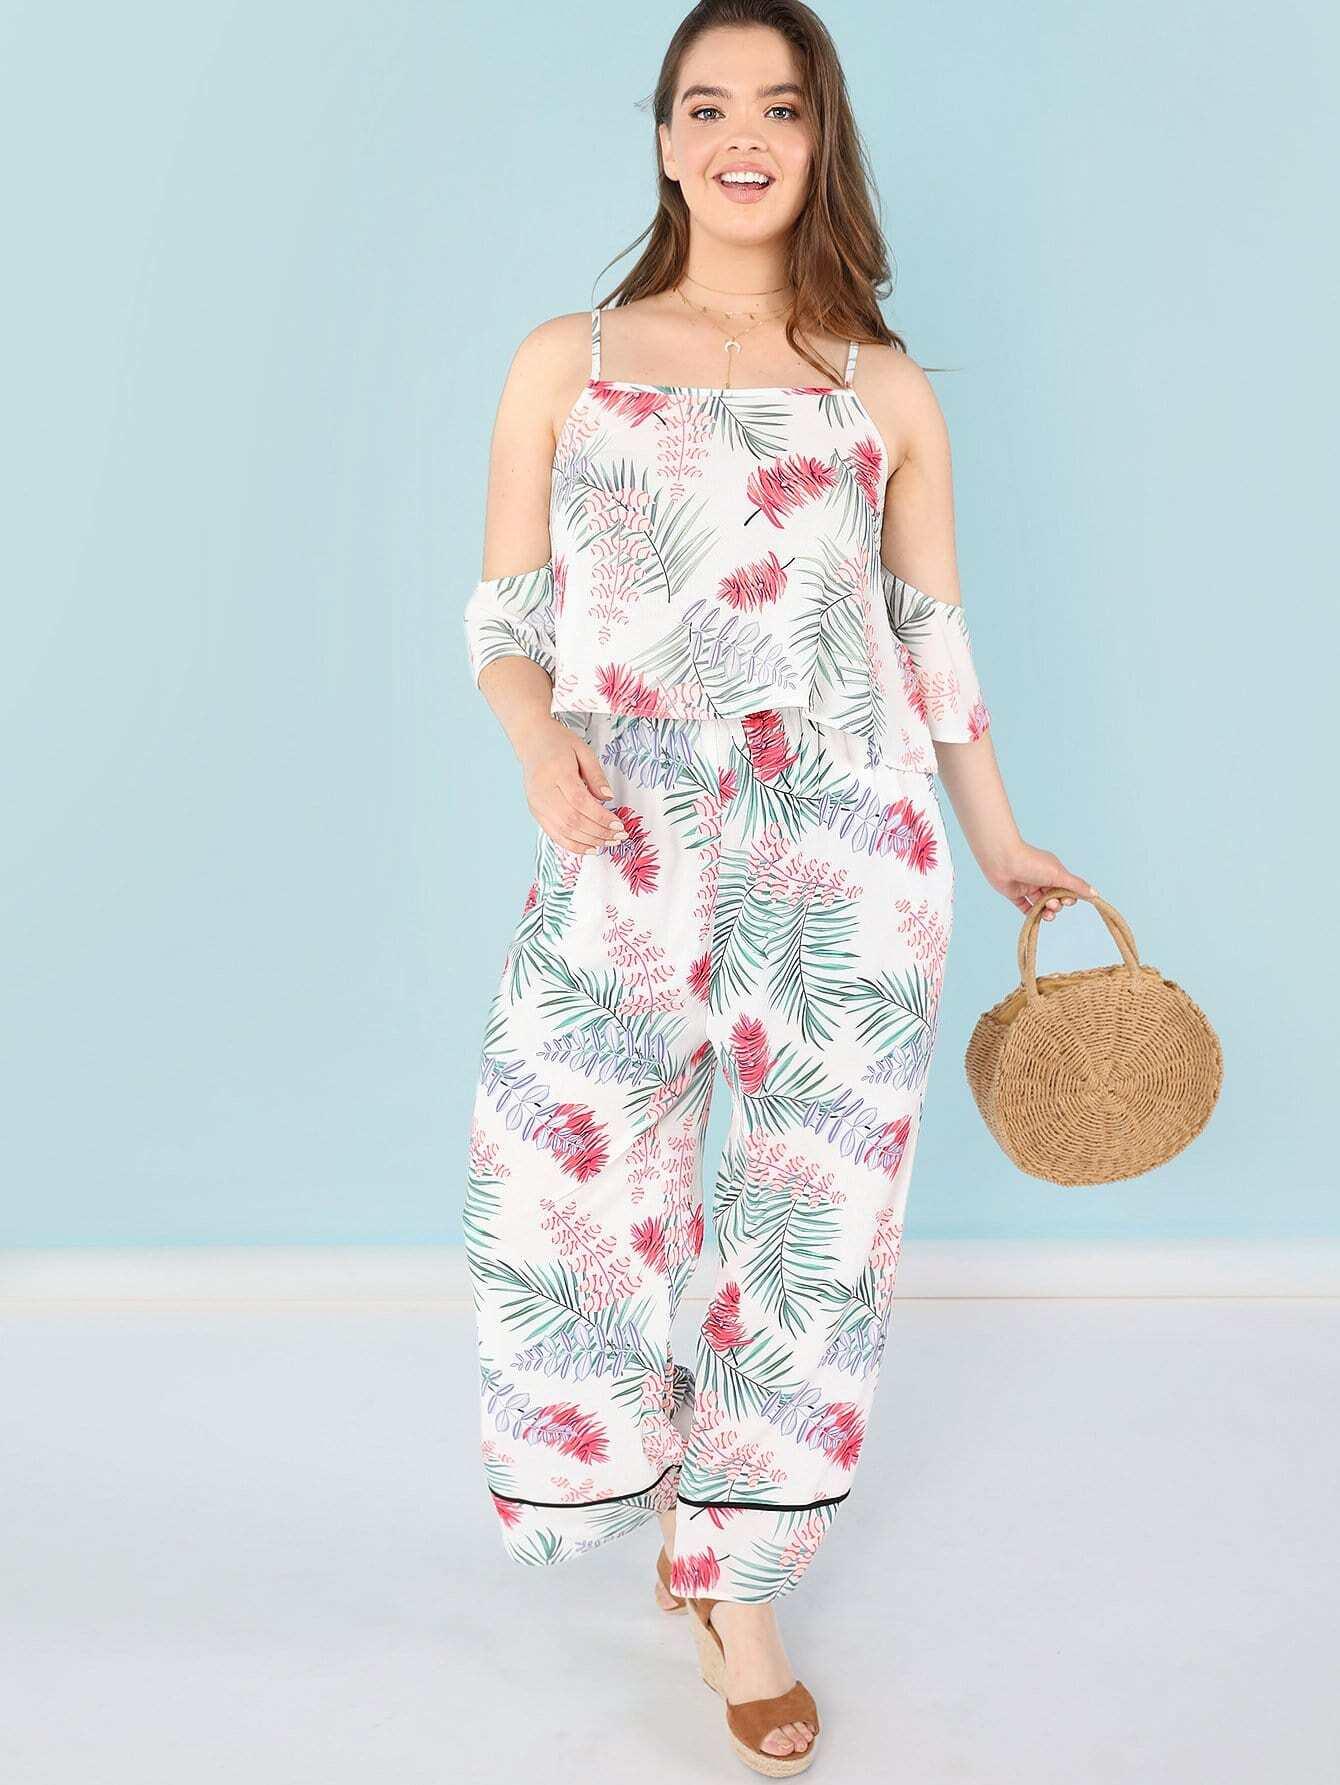 Купить Открытое плечо Tropical Print Top & Pants Set, Faith Bowman, SheIn